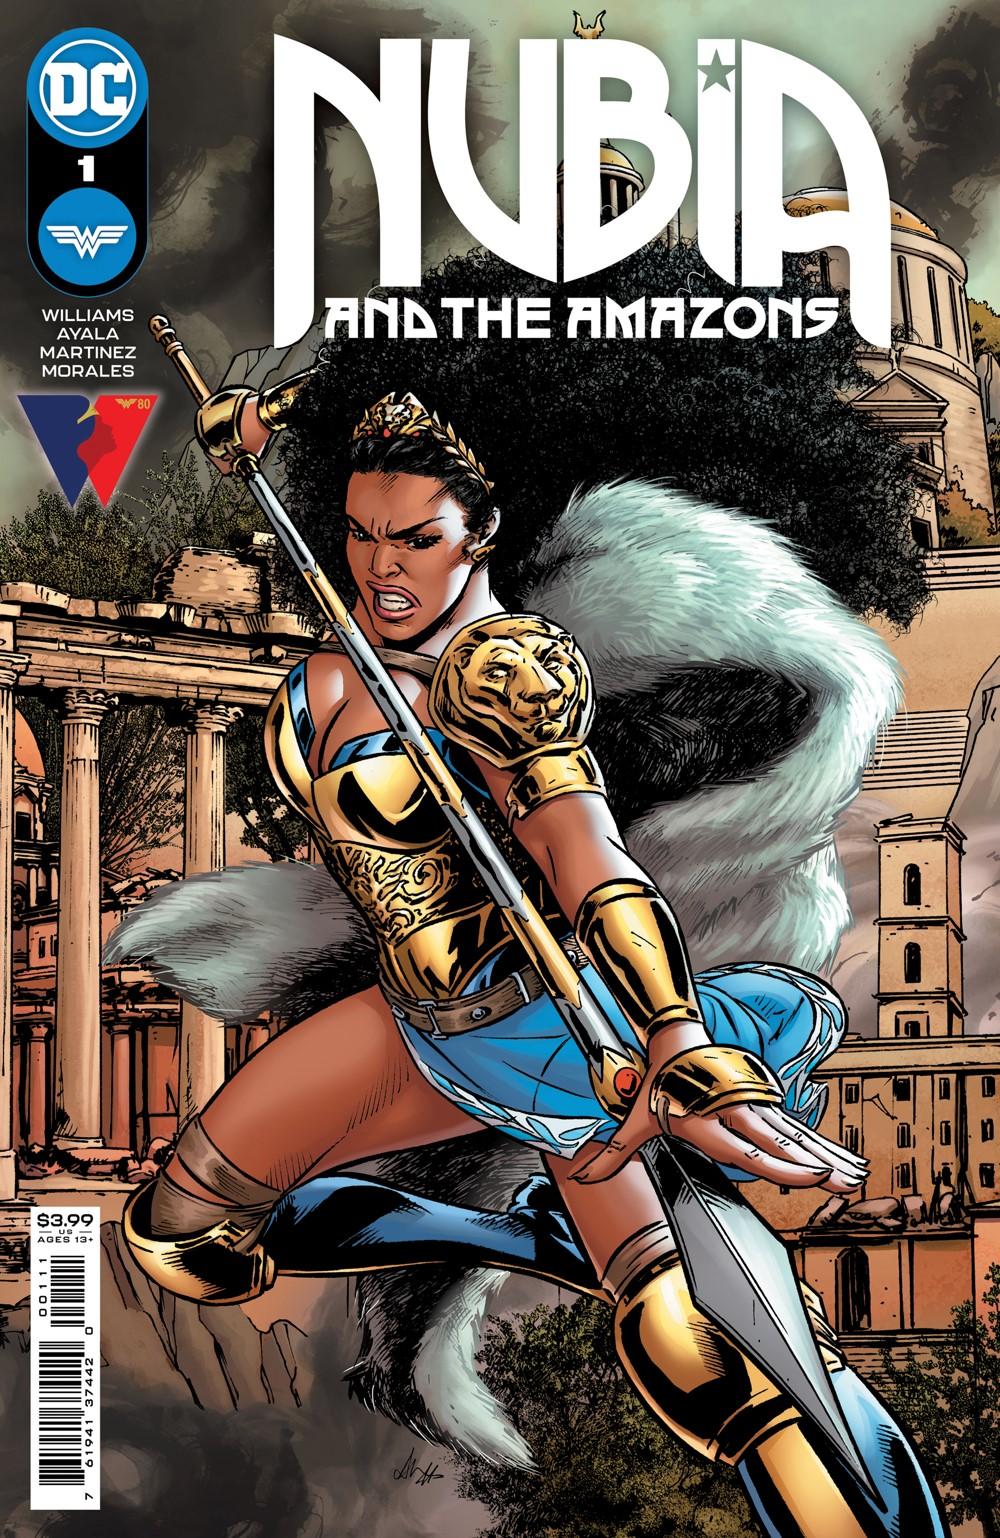 NUBIAATA_Cv1_00111 DC Comics October 2021 Solicitations